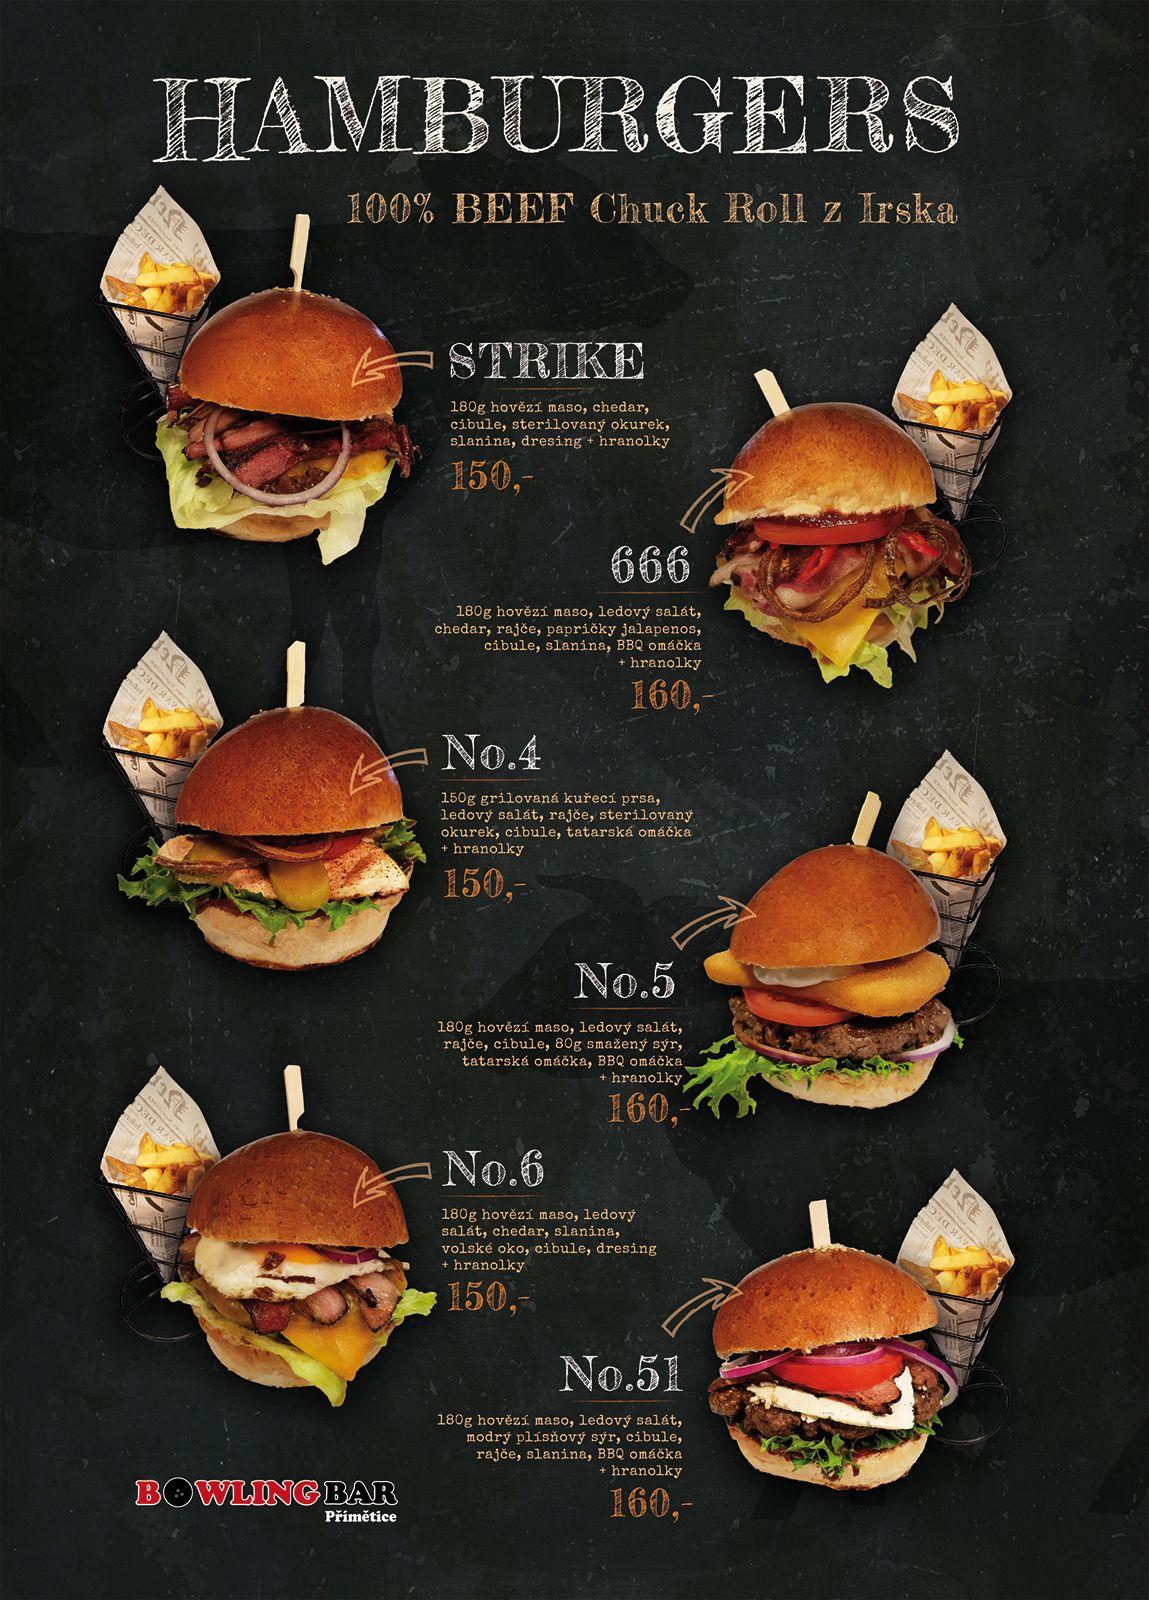 NOVINKA! Hamburgery Bowlingbar Přímětice